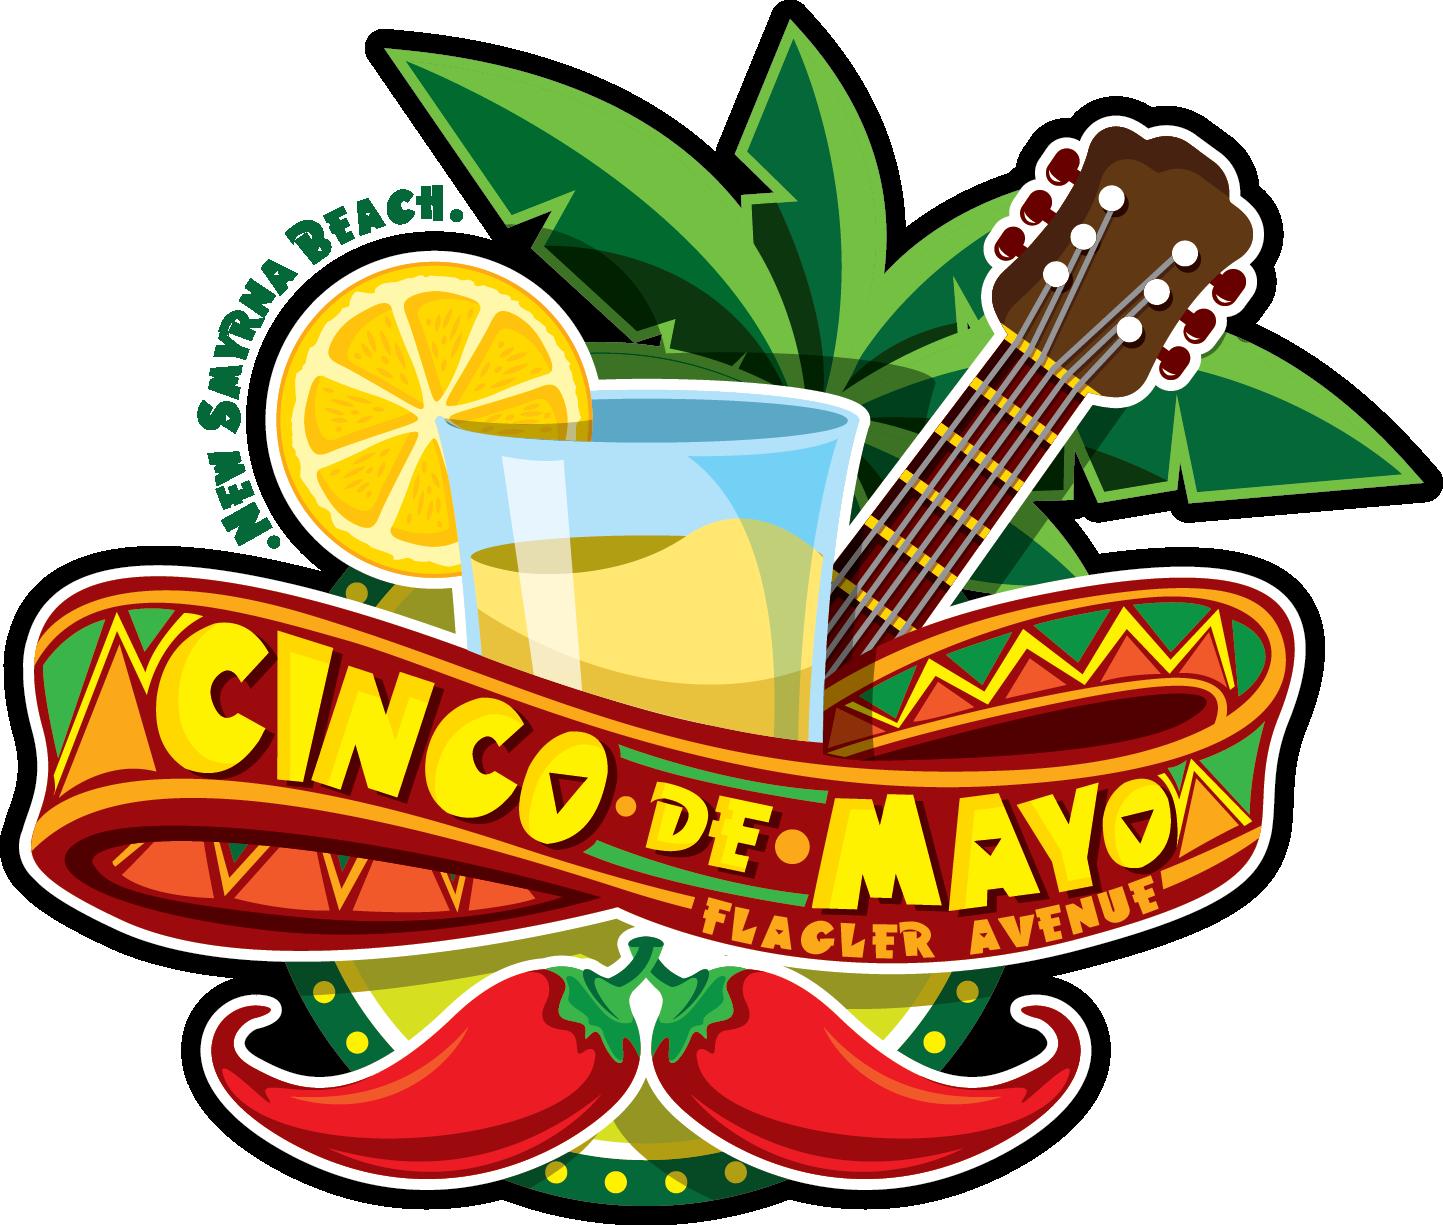 Cinco De Mayo Celebration Tacos & Tequila Festival , Flagler Avenue, New  Smyrna Beach.